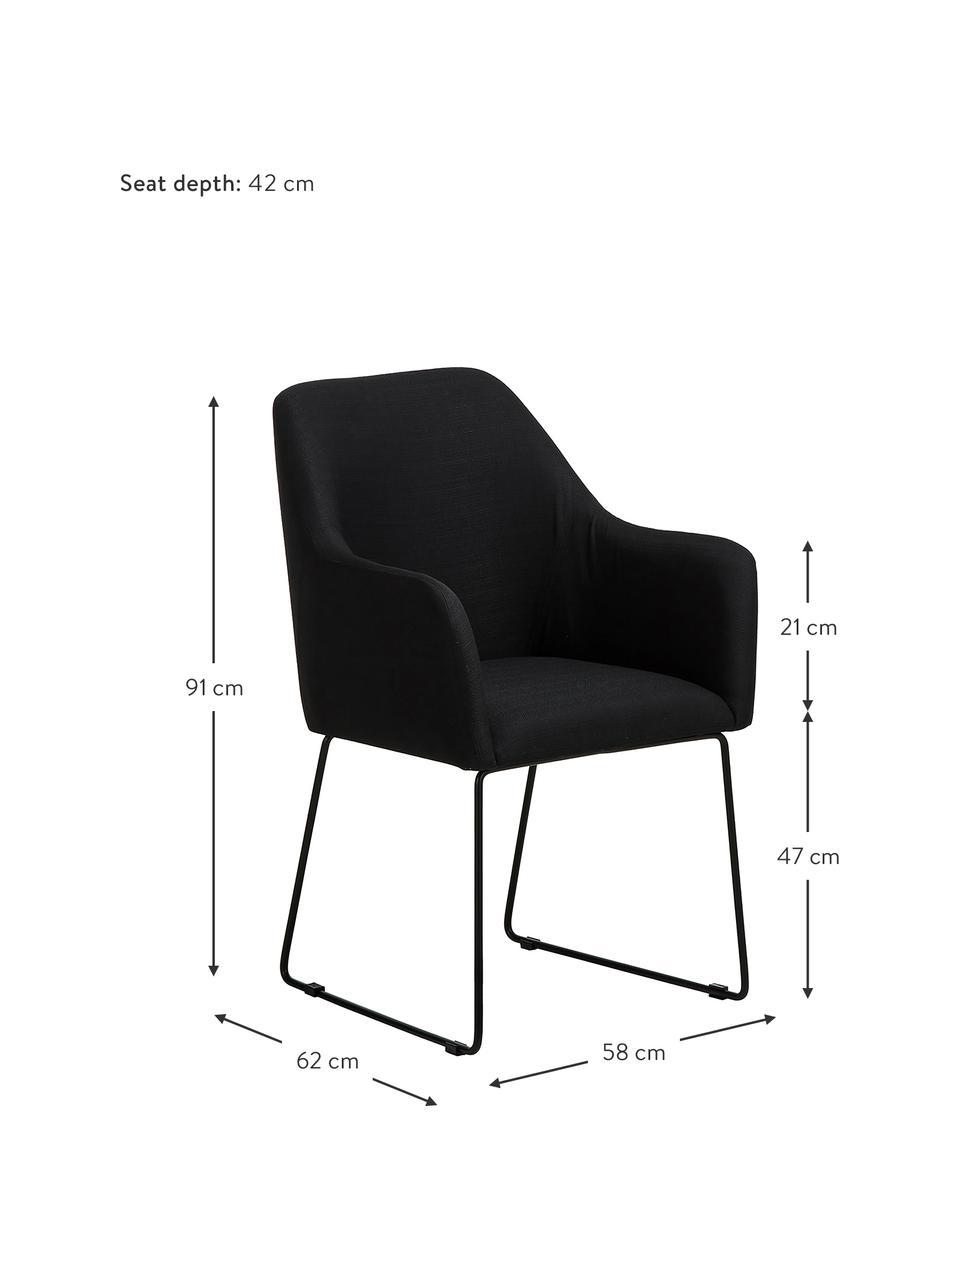 Sedia con braccioli in tessuto nero Isla, Rivestimento: poliestere Con 50.000 cic, Gambe: metallo verniciato a polv, Tessuto nero, nero, Larg. 58 x Prof. 62 cm